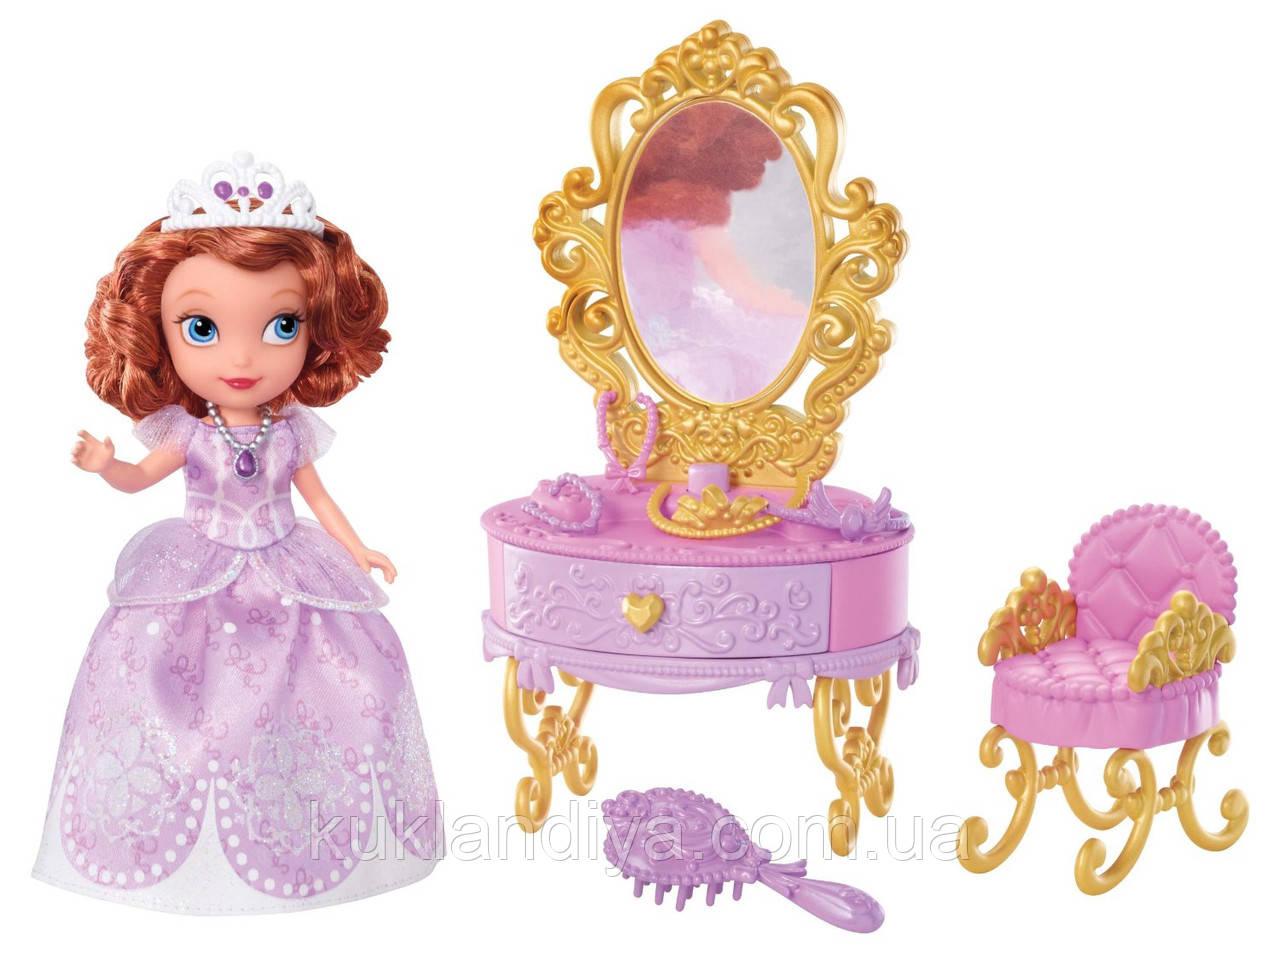 Кукла Принцесса София Подготовка к балу, фото 1